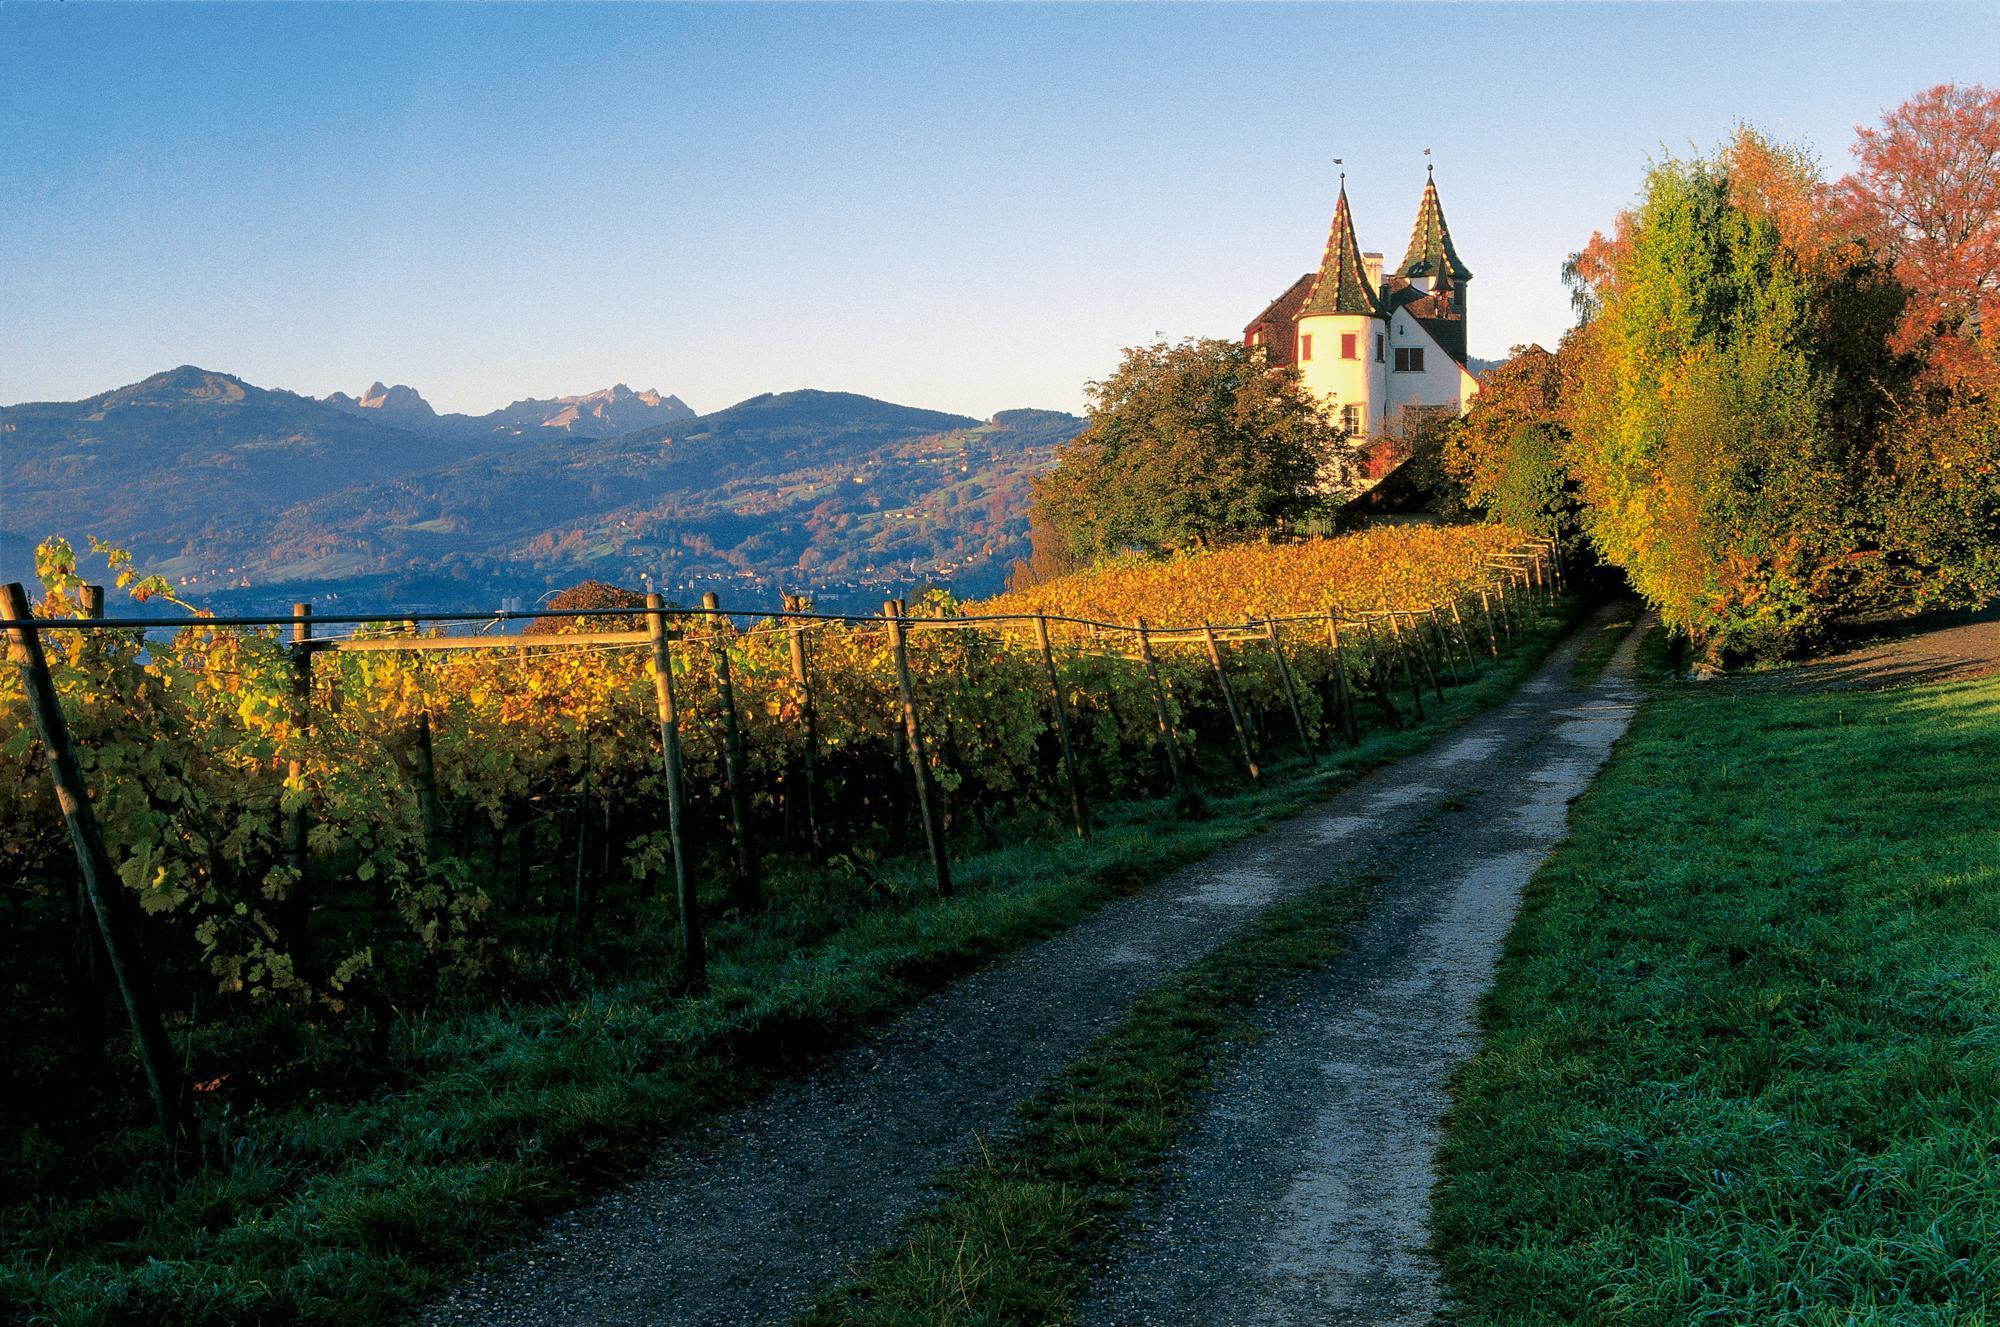 爱旅游 | 法国香槟:名城与美酒的迦南之地